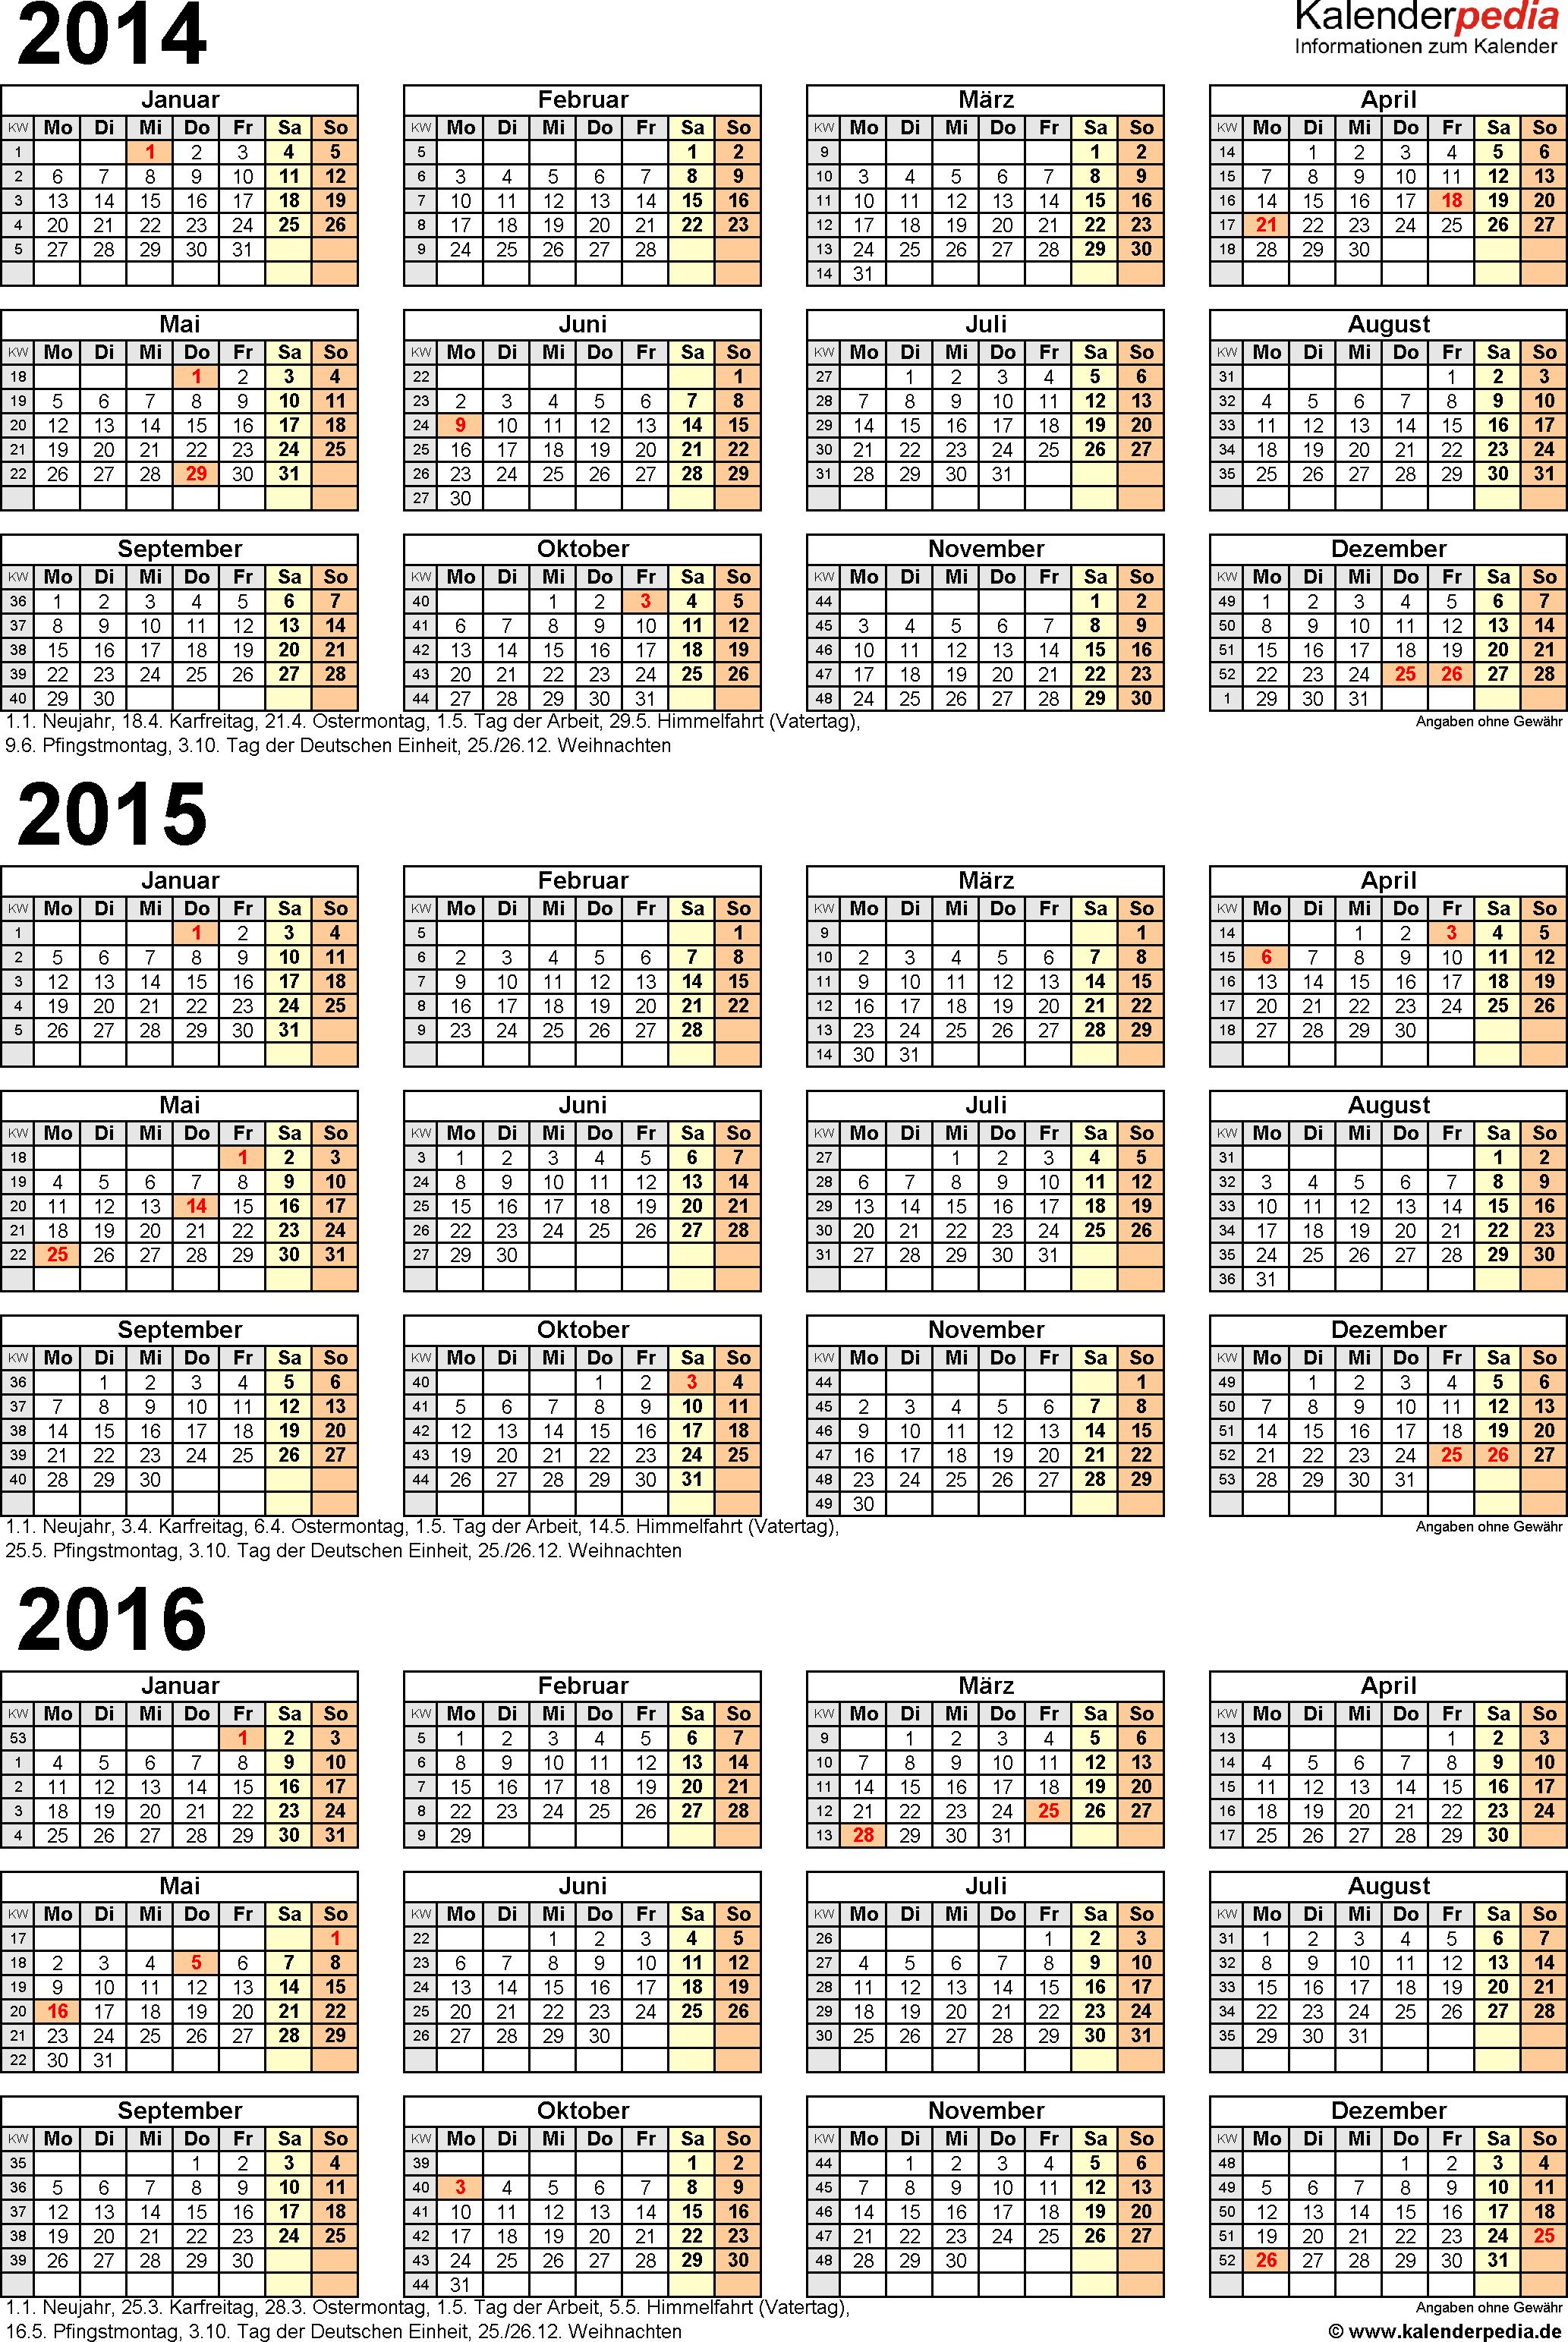 Kalender 2016 Zum Ausdrucken